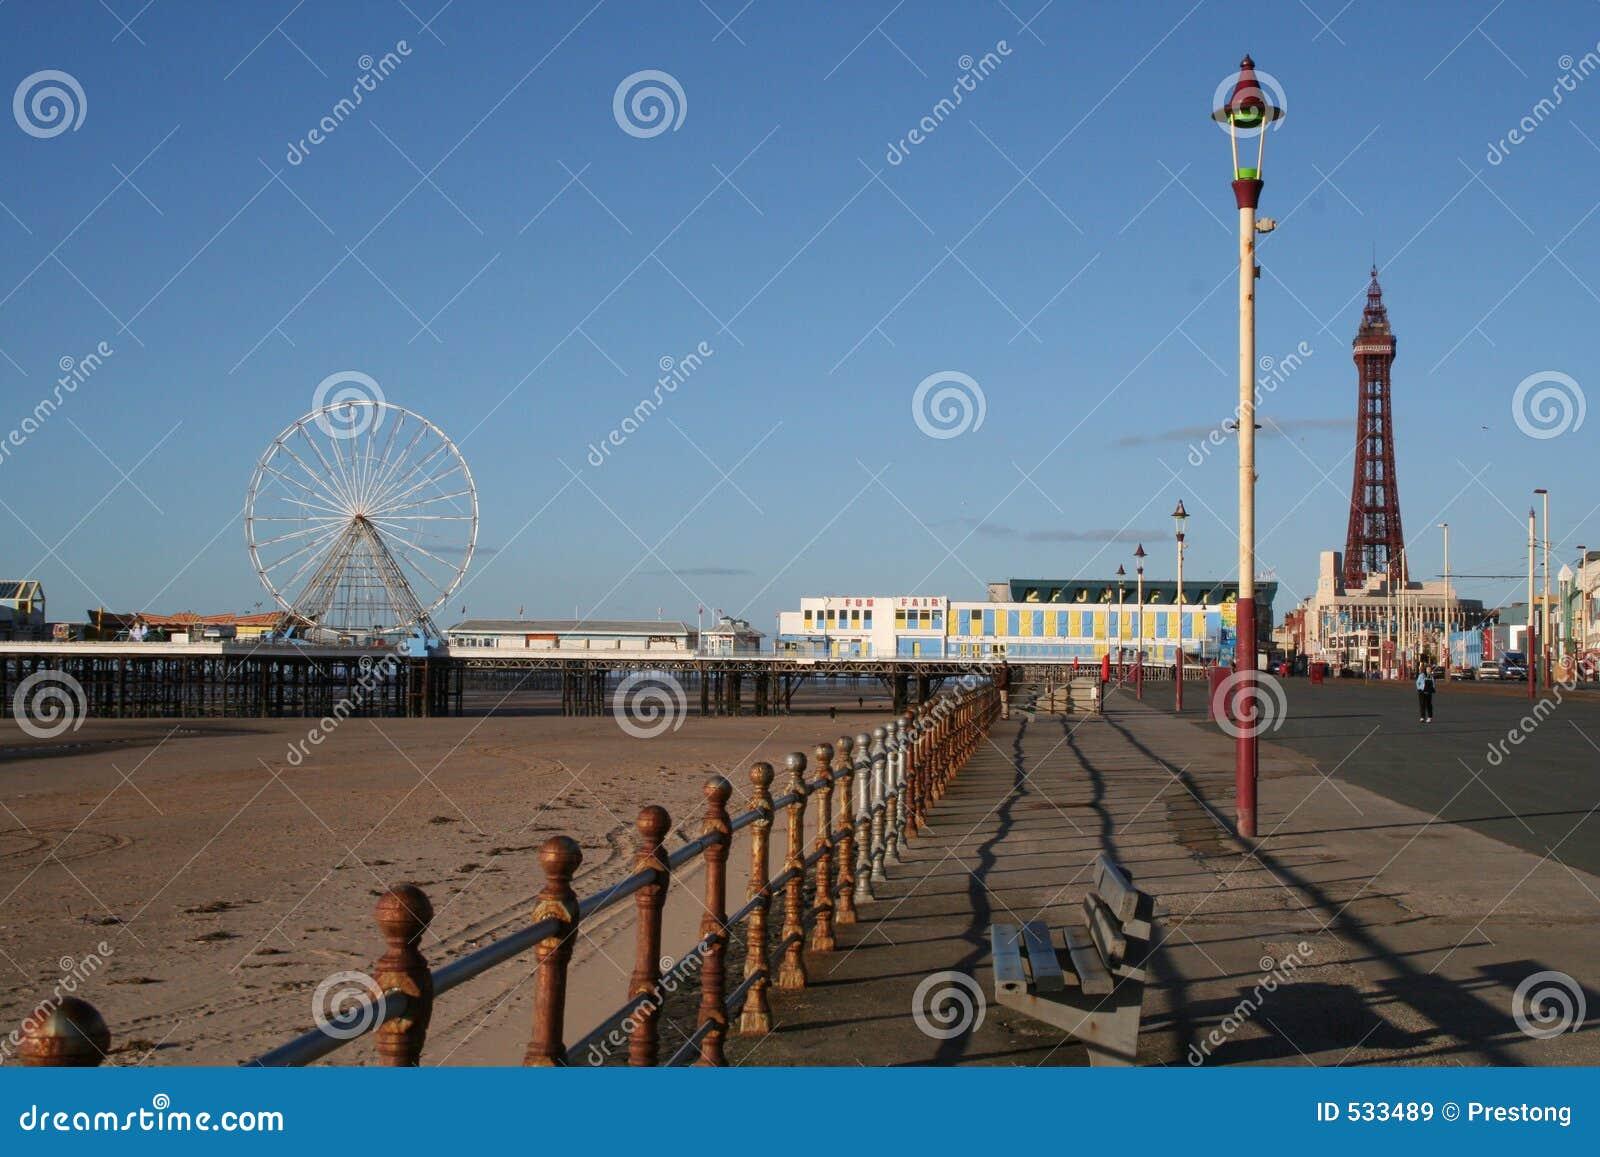 Cais de Blackpool, roda de Ferris, passeio e torre centrais.